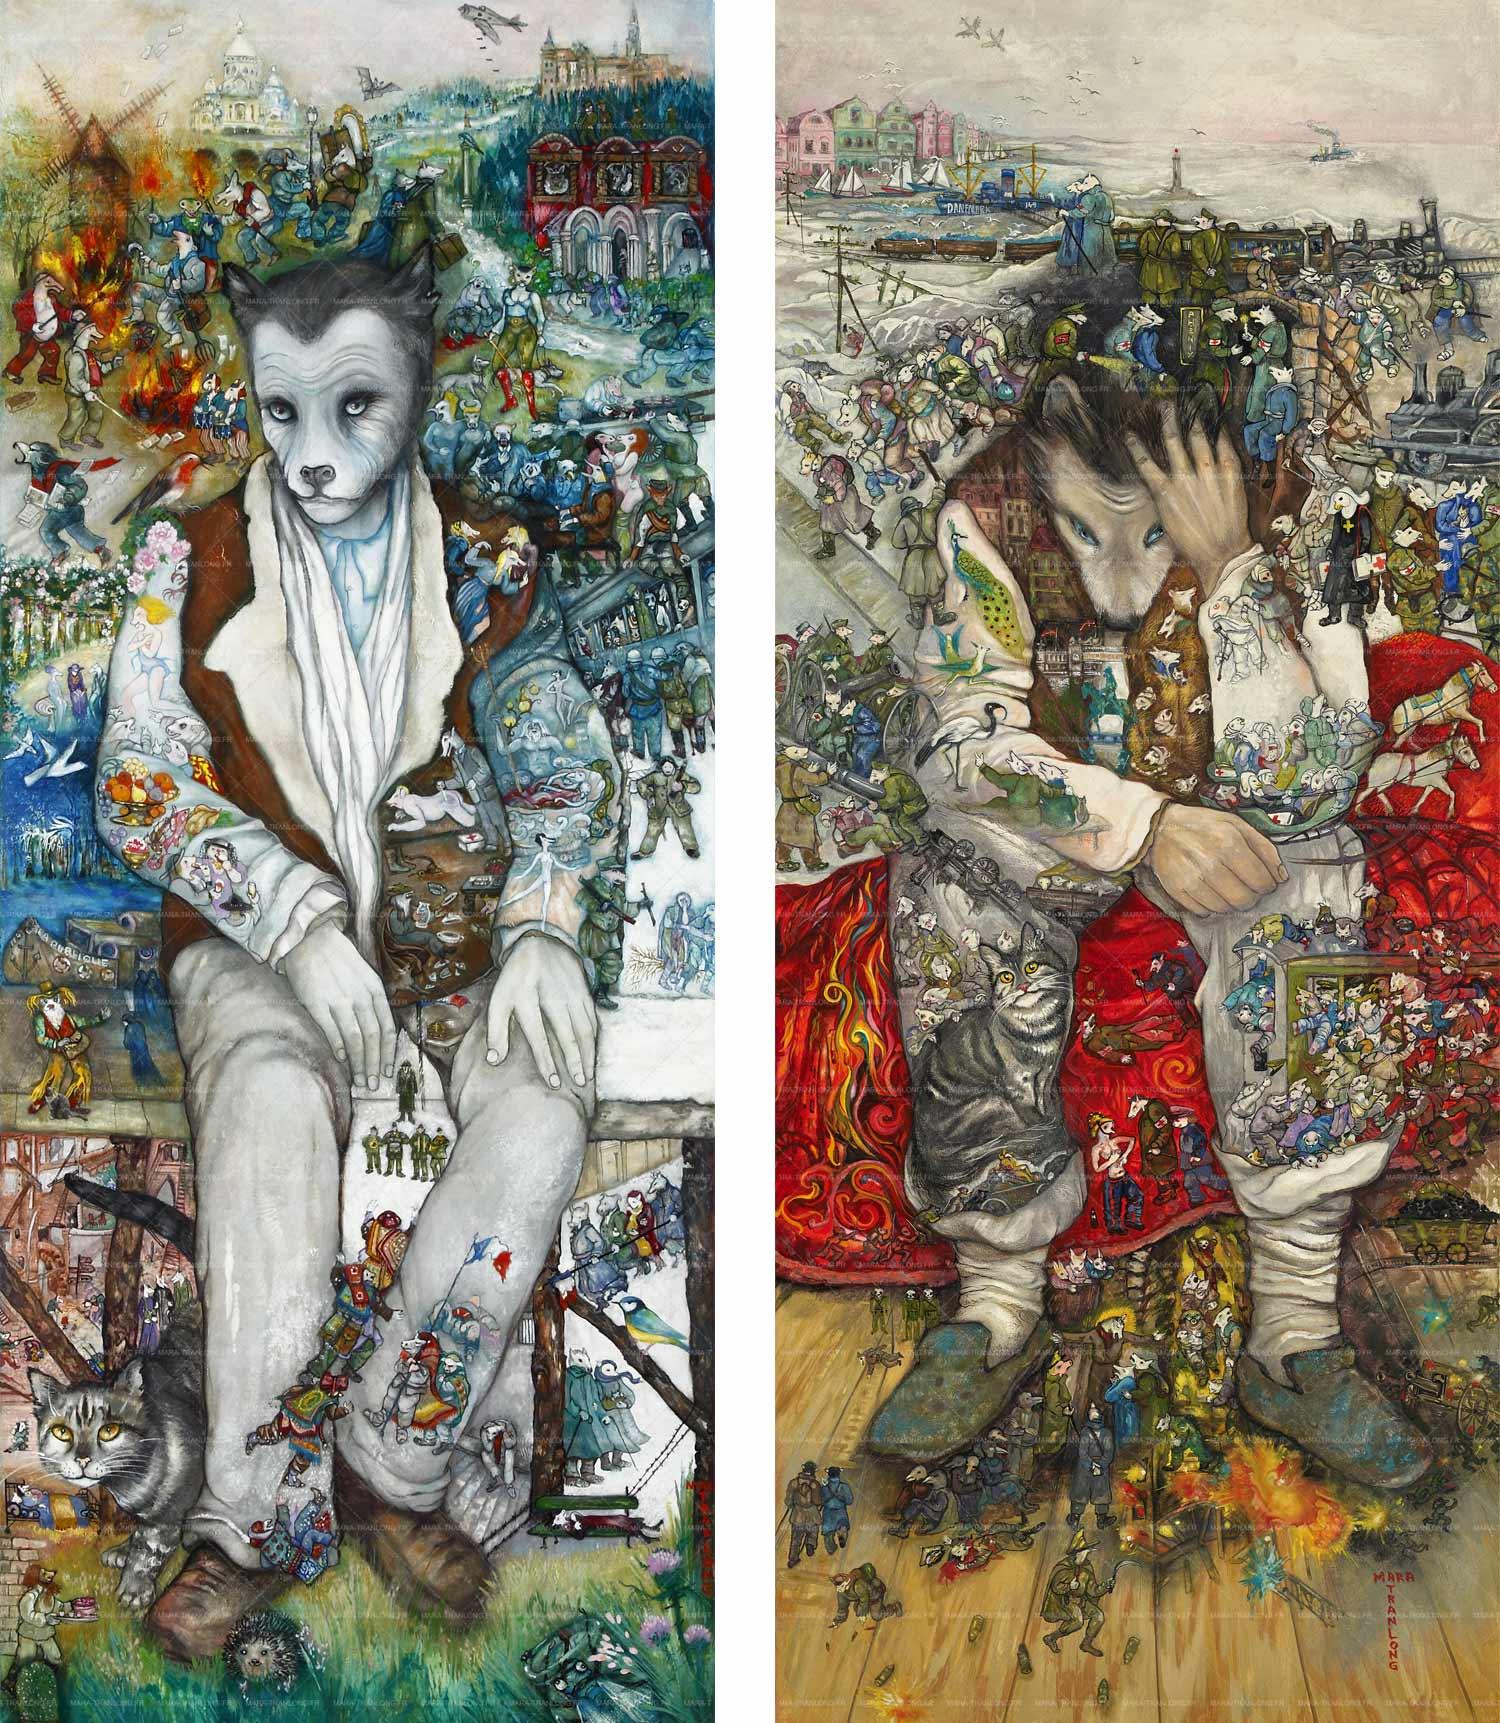 """Mara Tranlong - Collection """"Mon homage à Céline"""" - Titre : Les petits cercueils et Adieu La Vigue - Acrylique sur bois 50 cm x 120 cm - Année 2012 - 2013"""